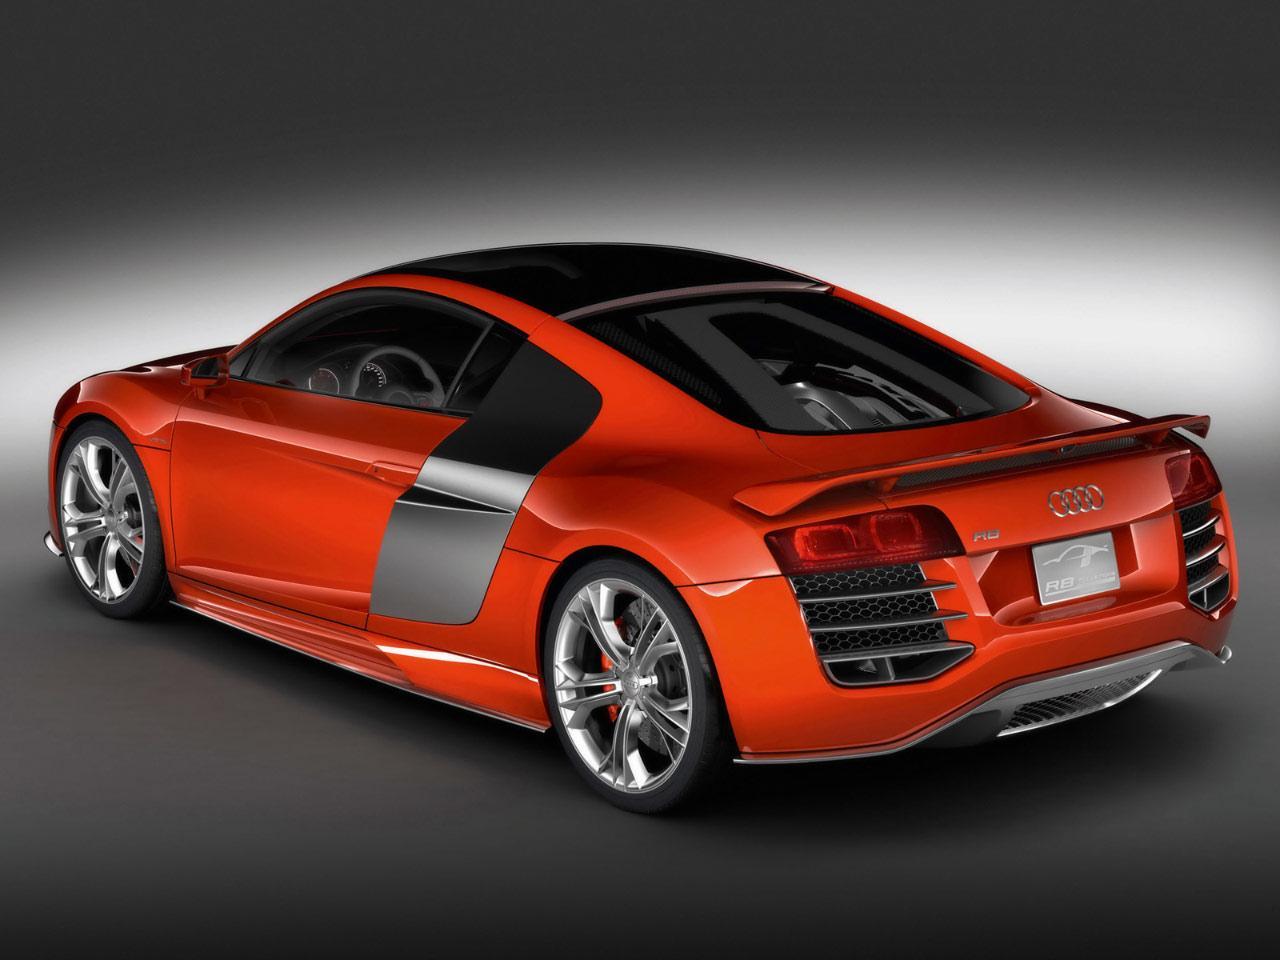 R Name Wallpaper Audi r8 wallpapers